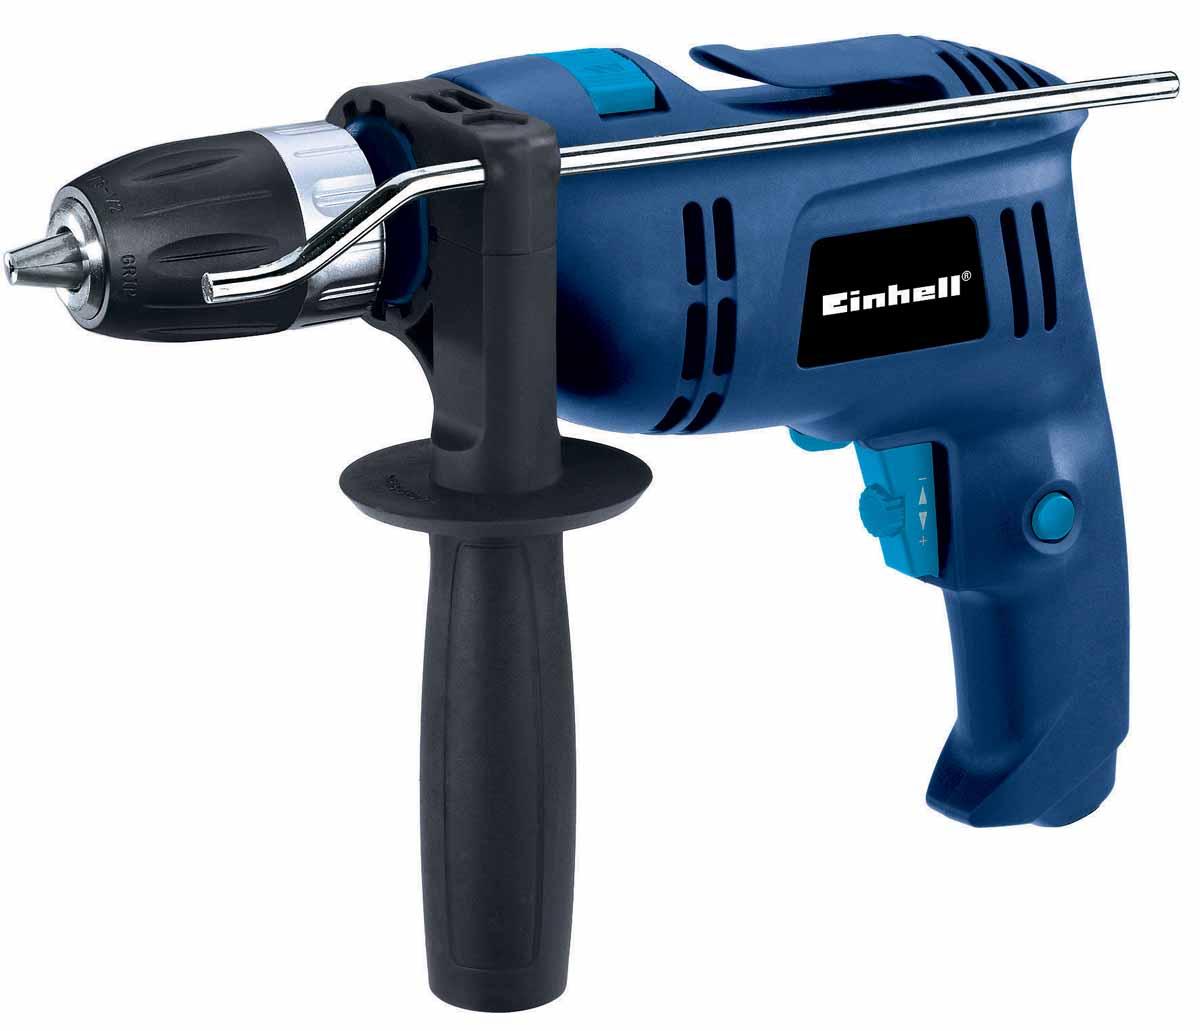 Дрель ударная EINHELL BT-ID 650 E4258658Мощность: 650 Вт.Kоличество оборотов: 0-2100 об/мин.Регулировка оборотов, быстрозажимной патрон с фиксатором, 13 мм, вес 2 кг.